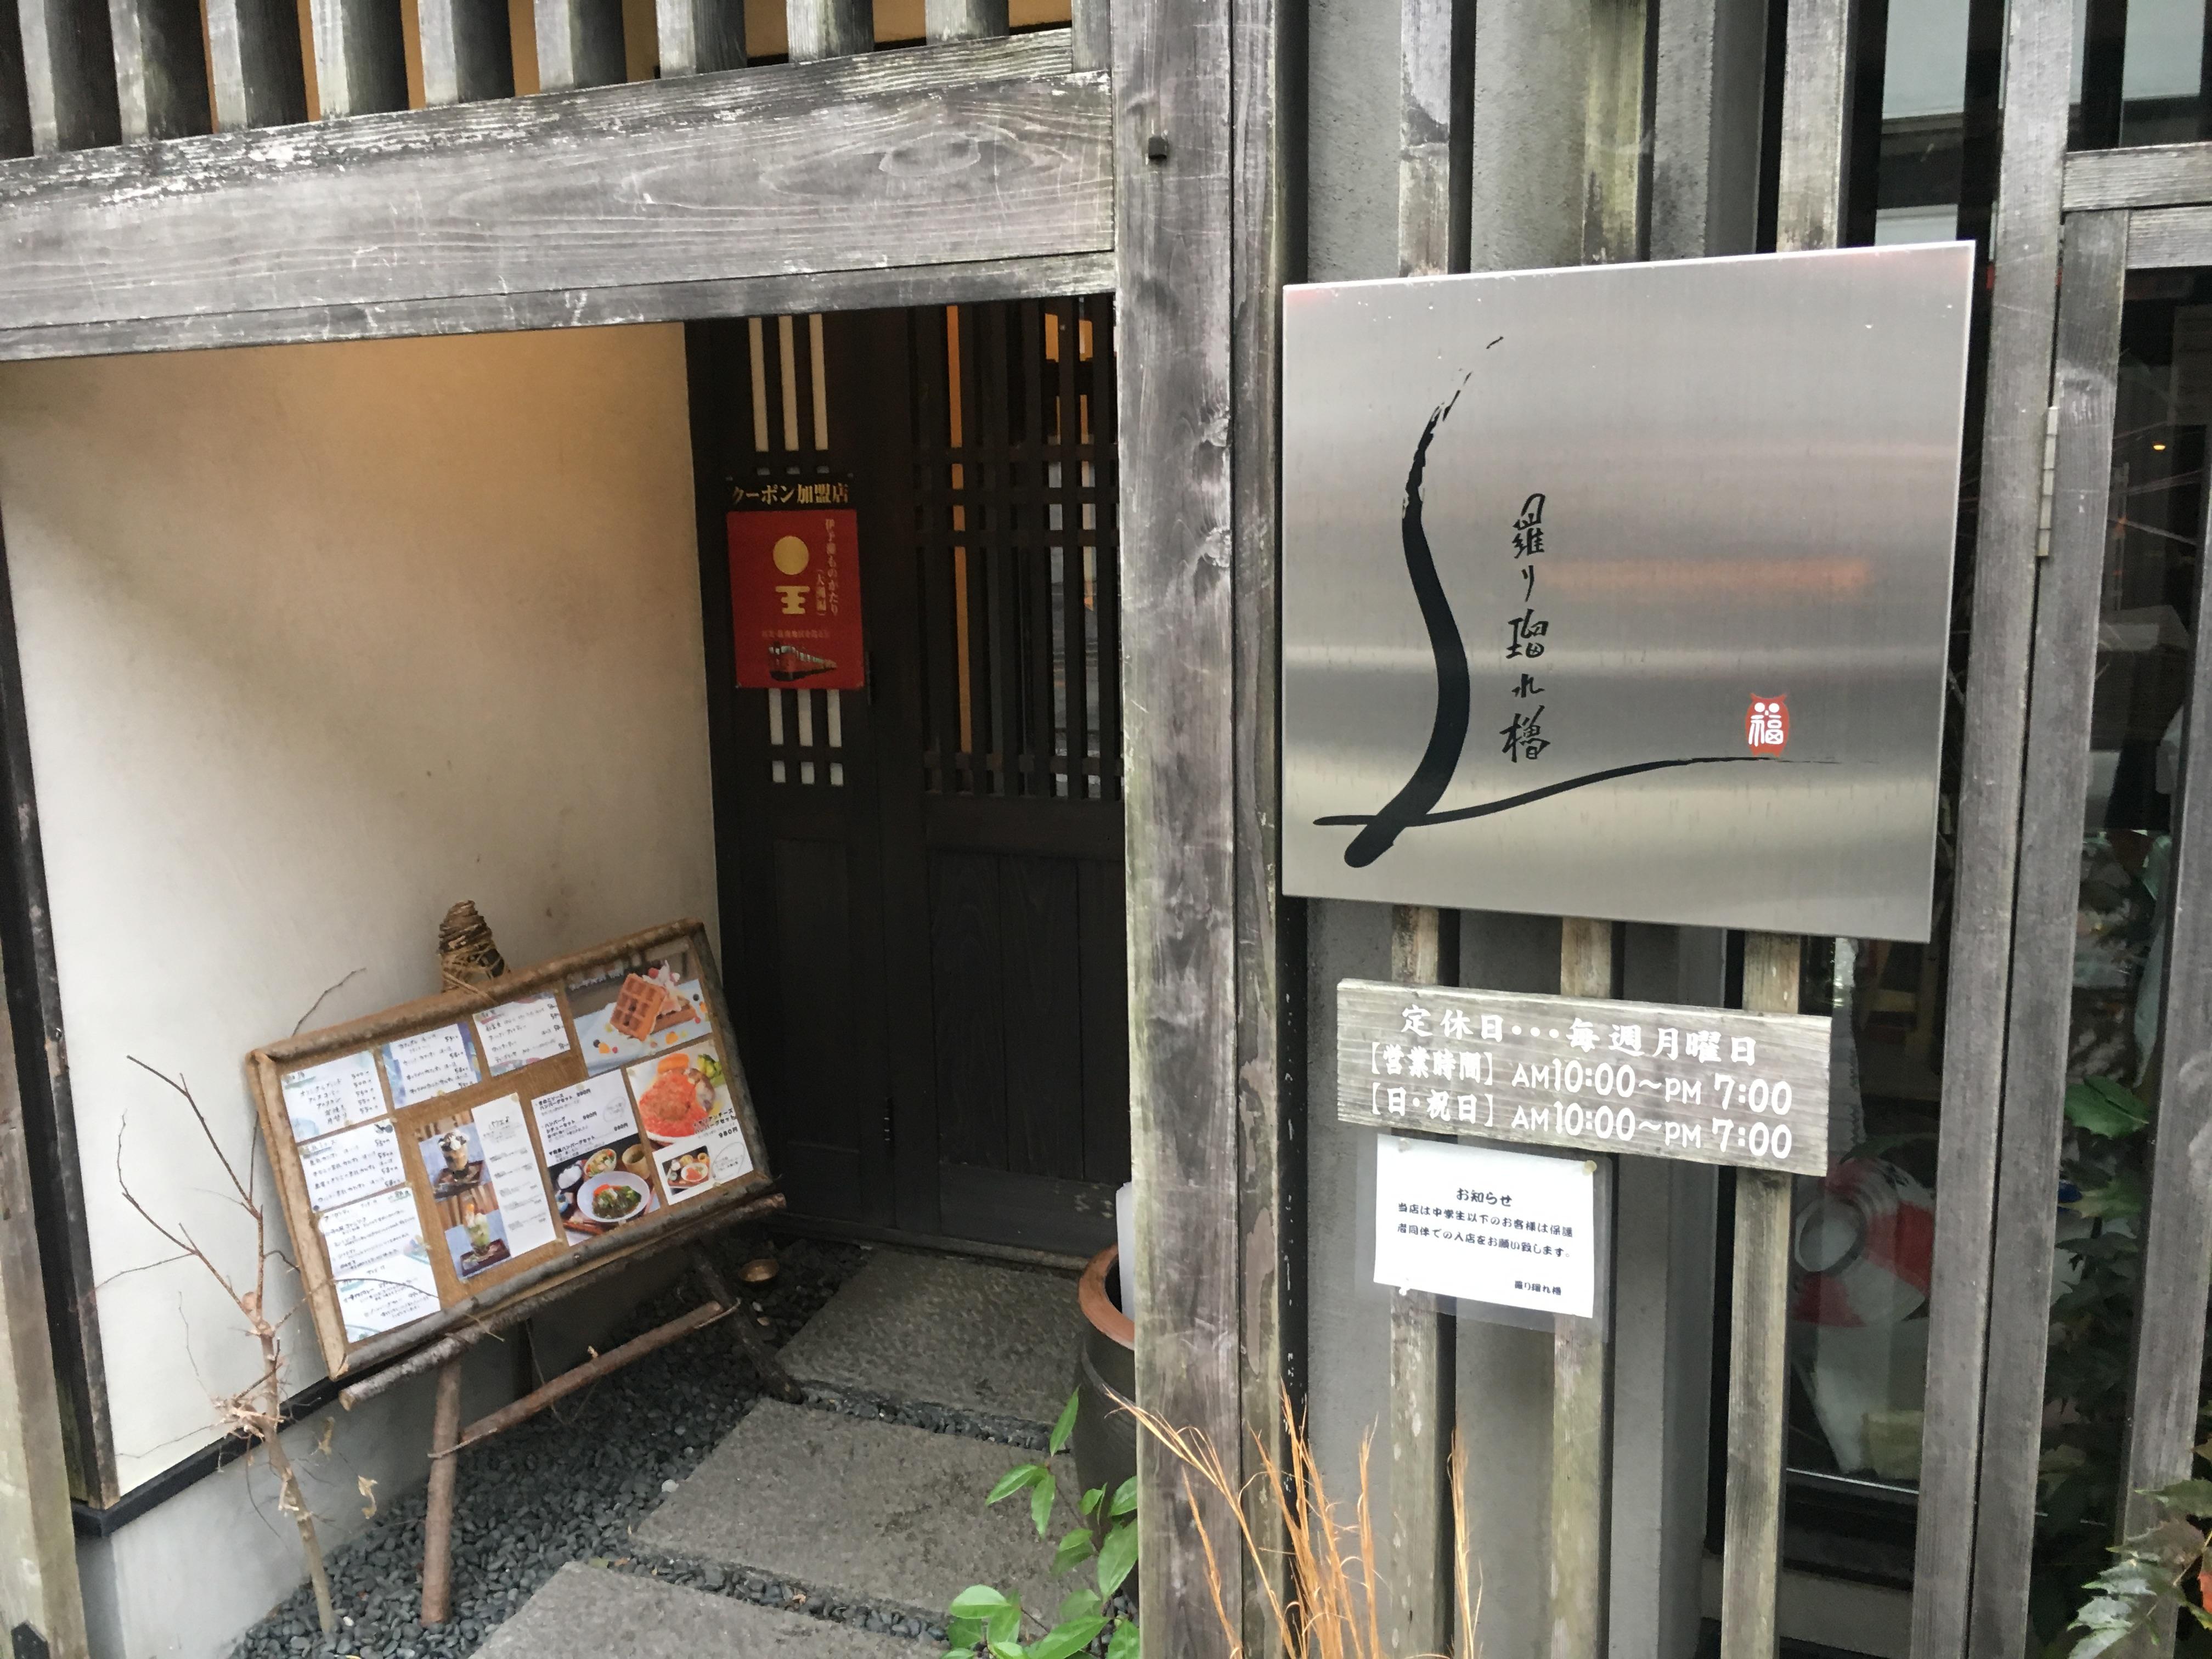 大洲市にあるオシャレなカフェ「羅り瑠れ櫓」(らりるれろ)で相性抜群な「チーズケーキ」と「カフェオレ」を食べてきました!